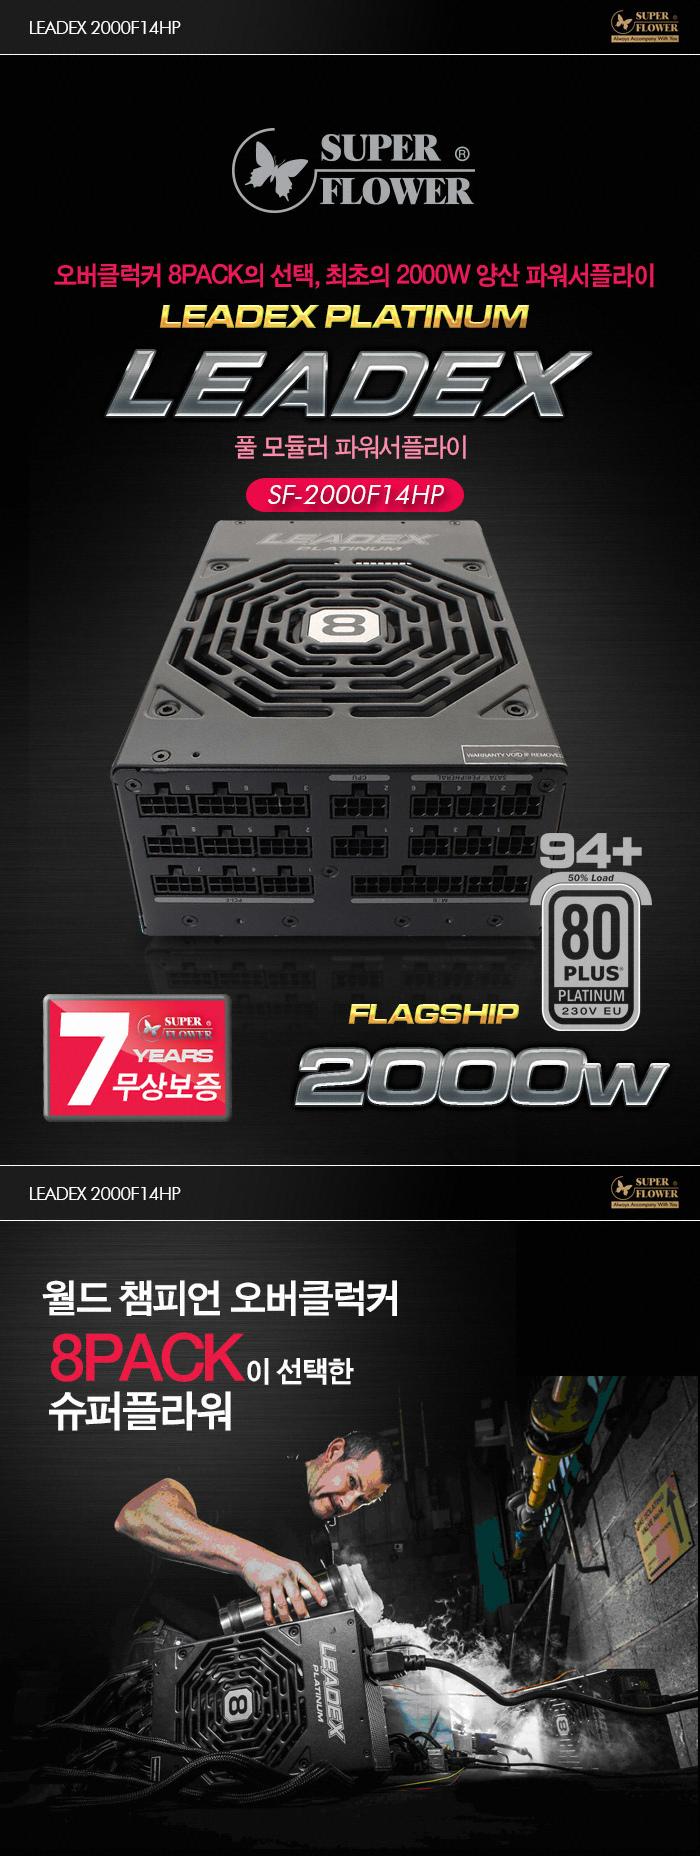 SuperFlower SF-2000F14HP LEADEX PLATINUM